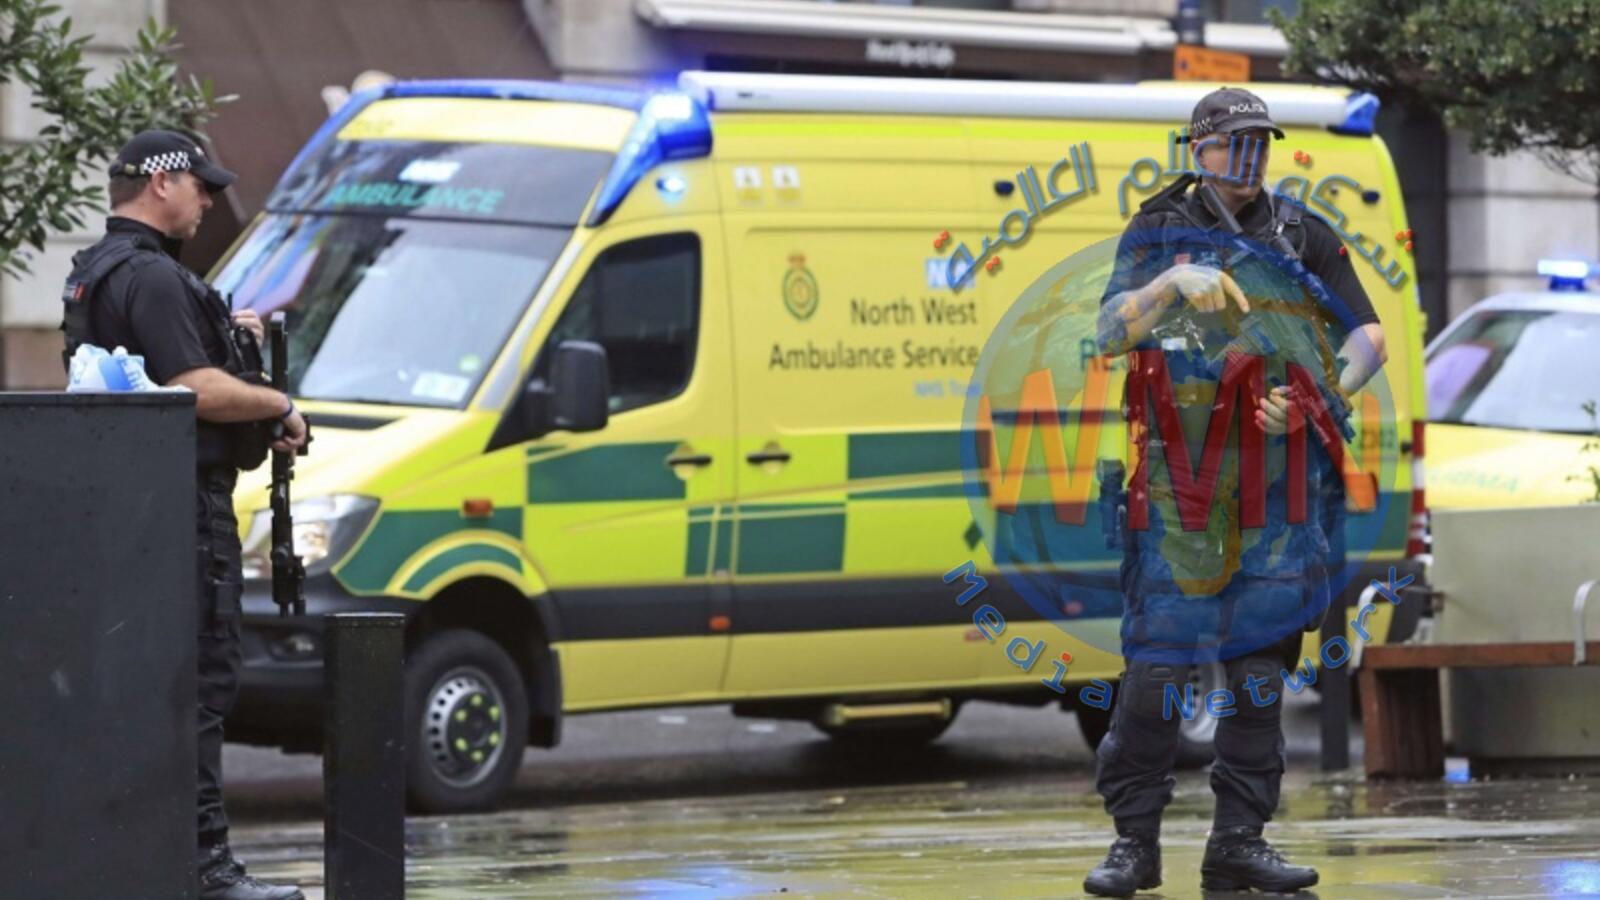 4 اصابات بحادثة طعن في بريطانيا